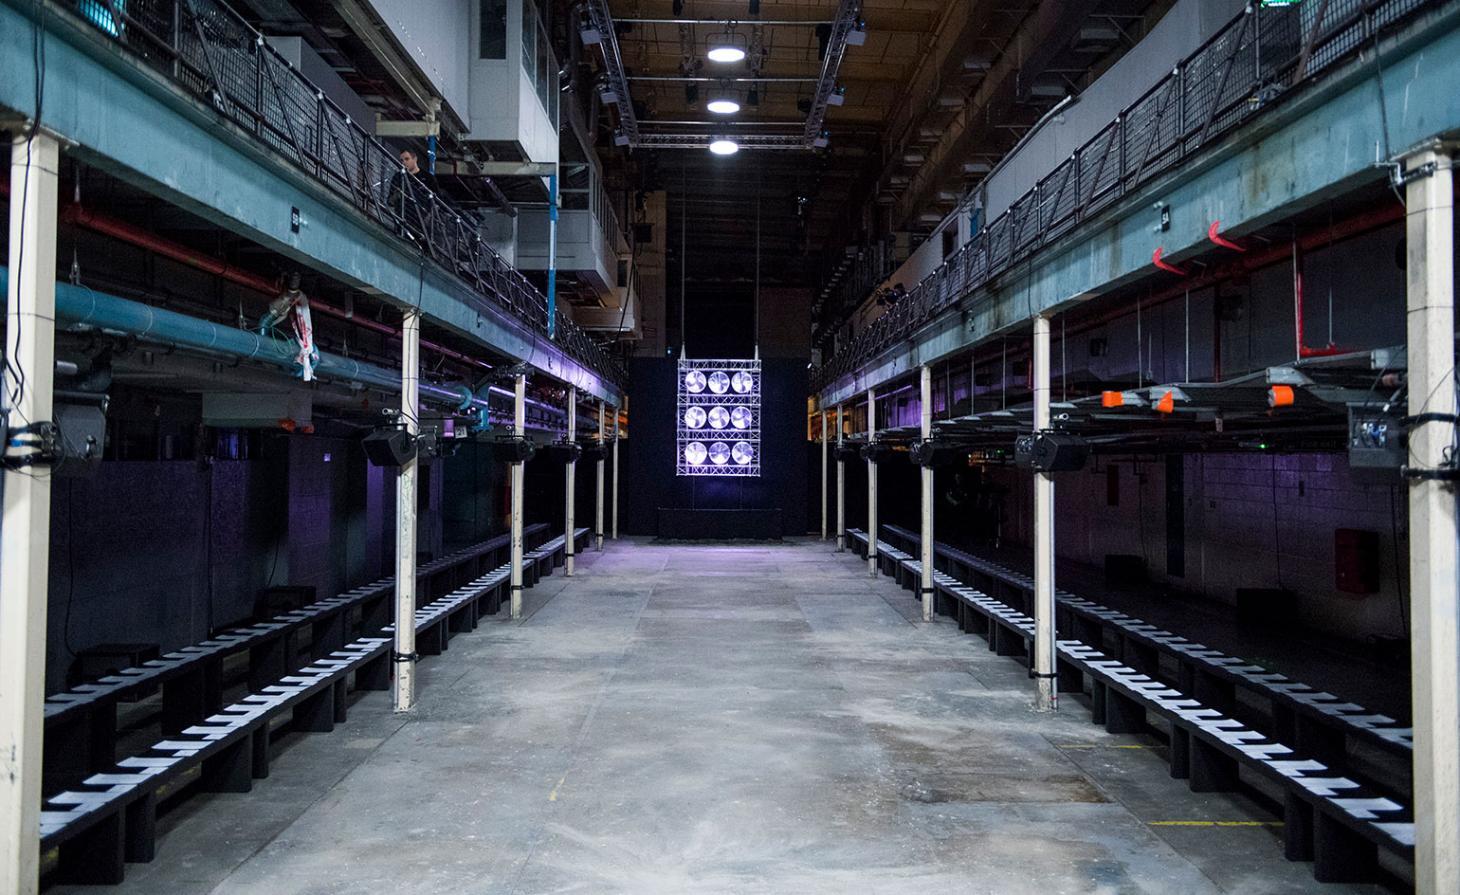 A indústria de impressão inspirou o desfile da marca de Samuel Ross. O designer escolheu a Printworks, no sudeste de Londres, como locação. A antiga fábrica de impressão dos jornais Metro e Evening Standard, já foi o maior parque de impressão da Europa Ocidental. Aqui, foi construída uma passarela de 30 metros / Reprodução